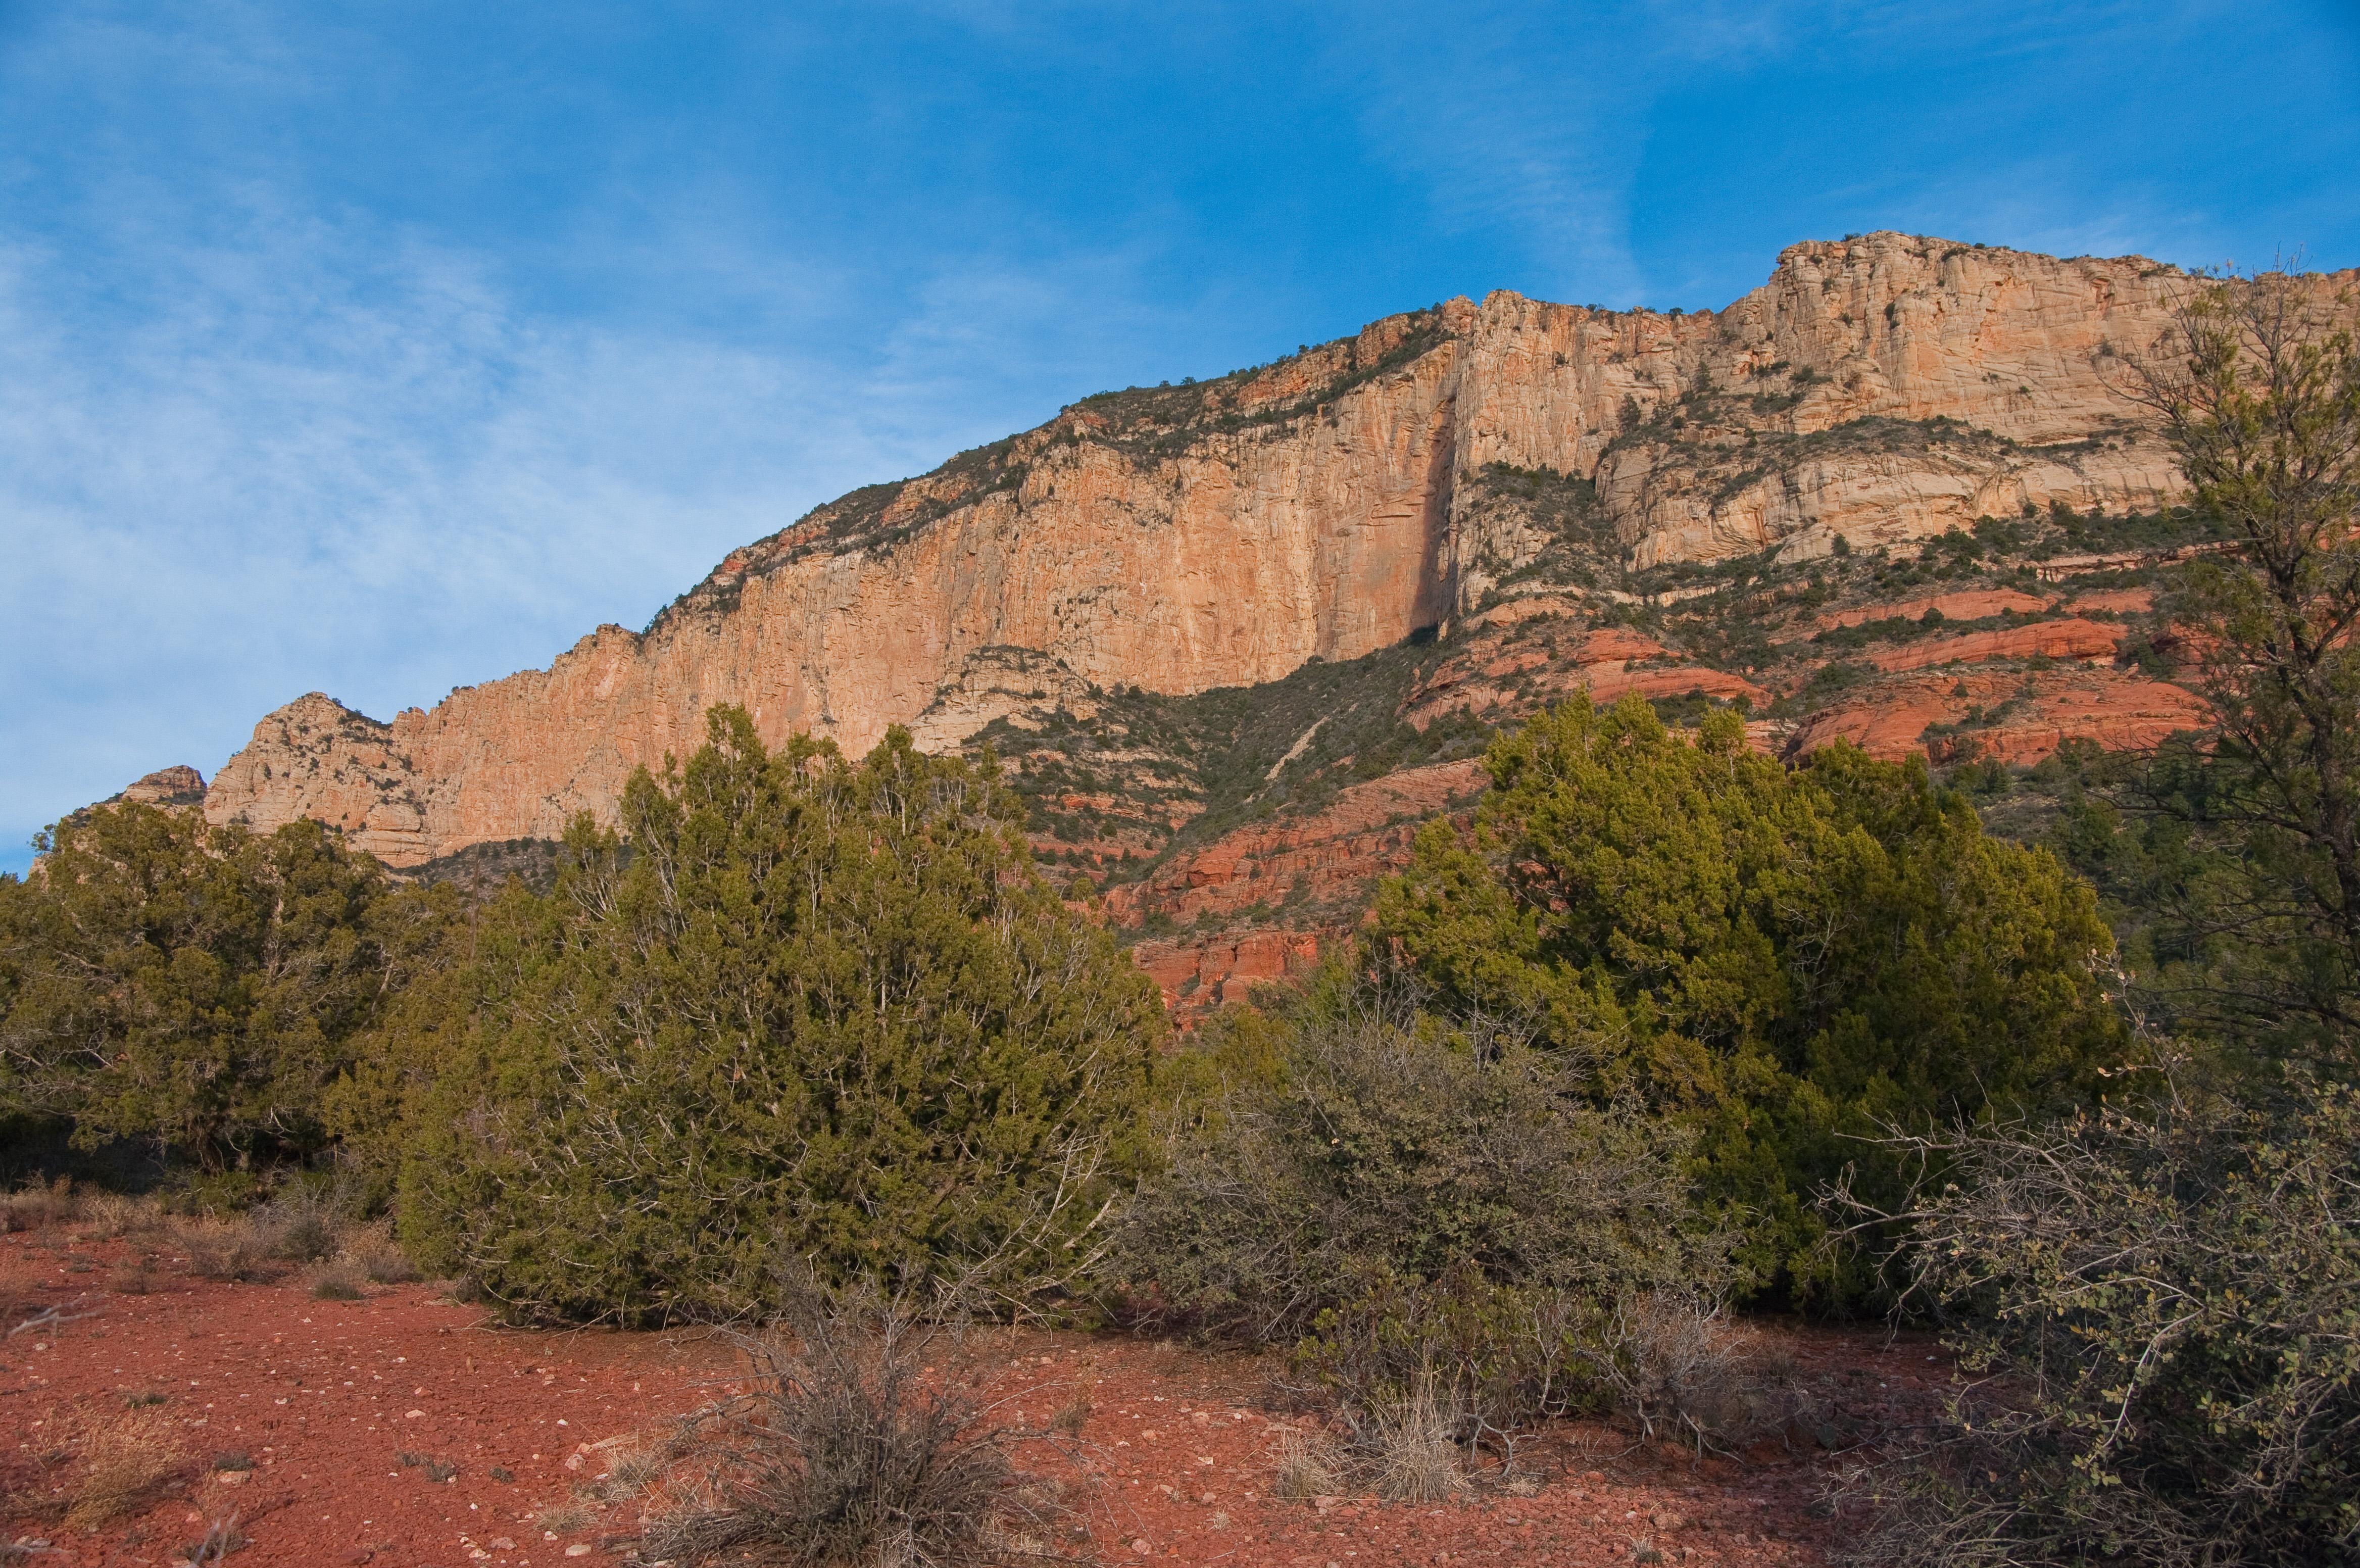 Loy canyon trail photo